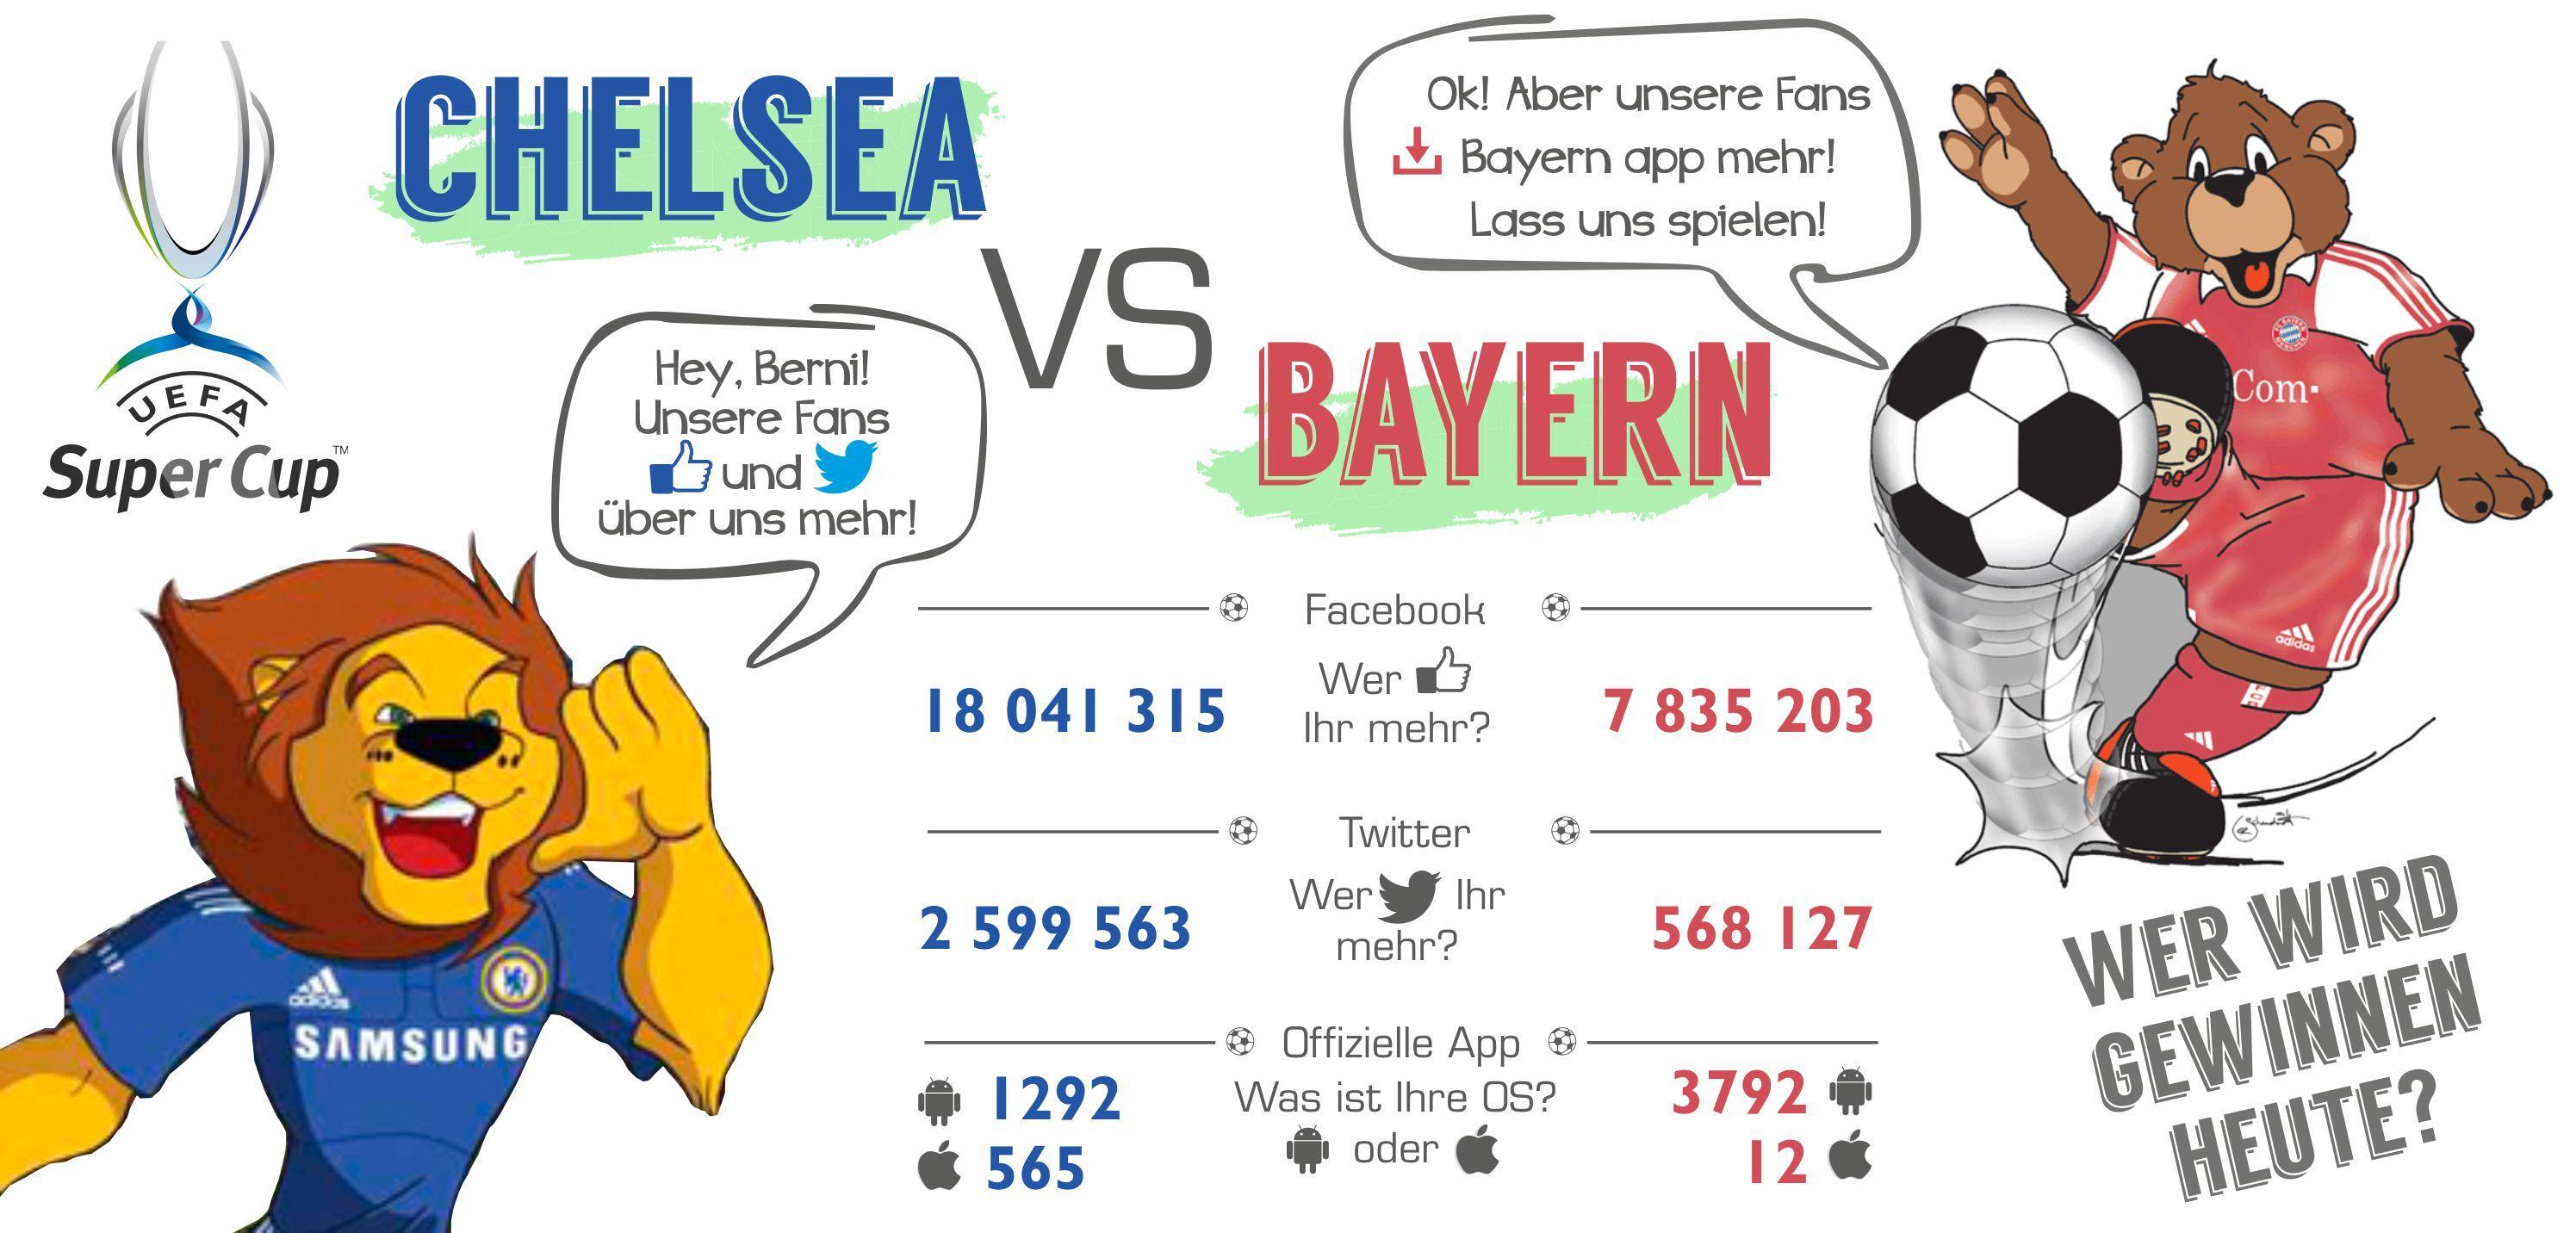 chelsea vs bayern wer wird gewinnen deutschland chelsea fc chelsea stamford mascot. Black Bedroom Furniture Sets. Home Design Ideas